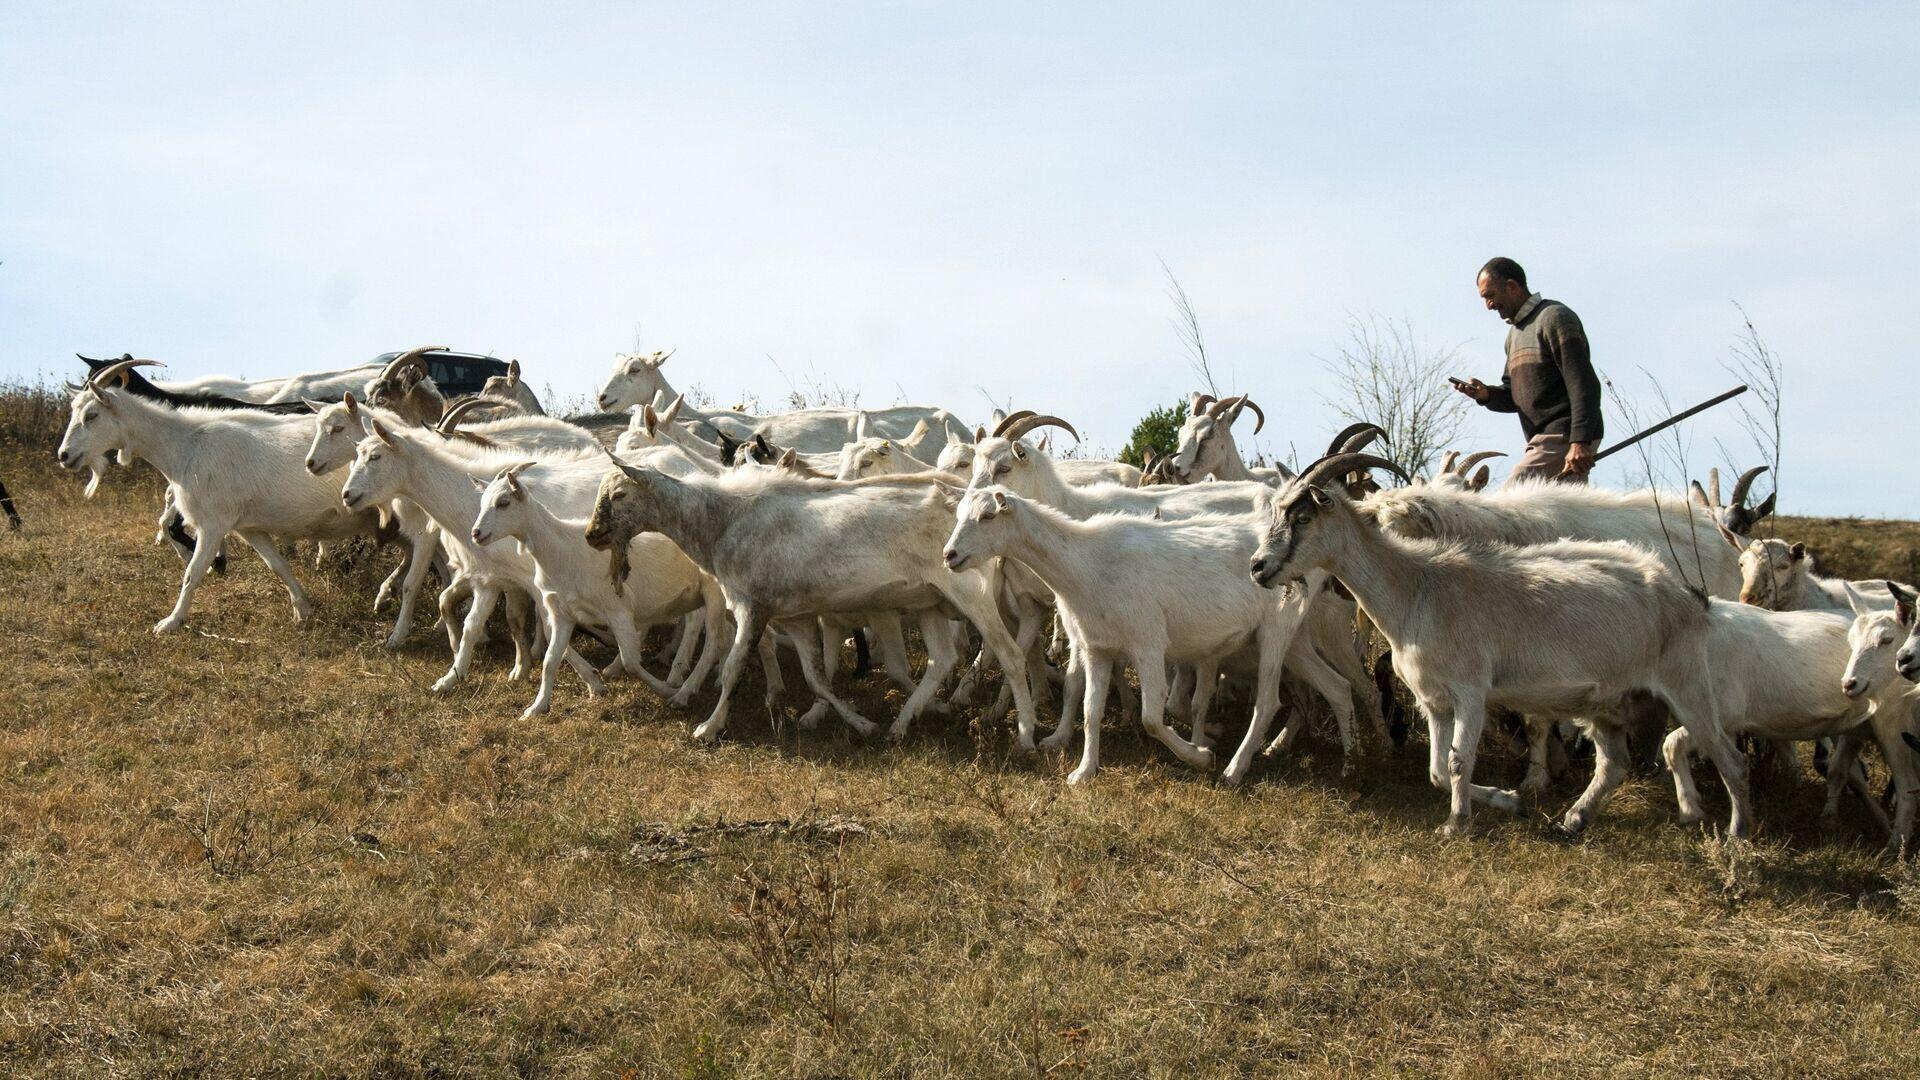 Стадо коз зааненской молочной породы из фермерского хозяйства Альфа в селе Смородино Белгородской области - РИА Новости, 1920, 04.05.2020